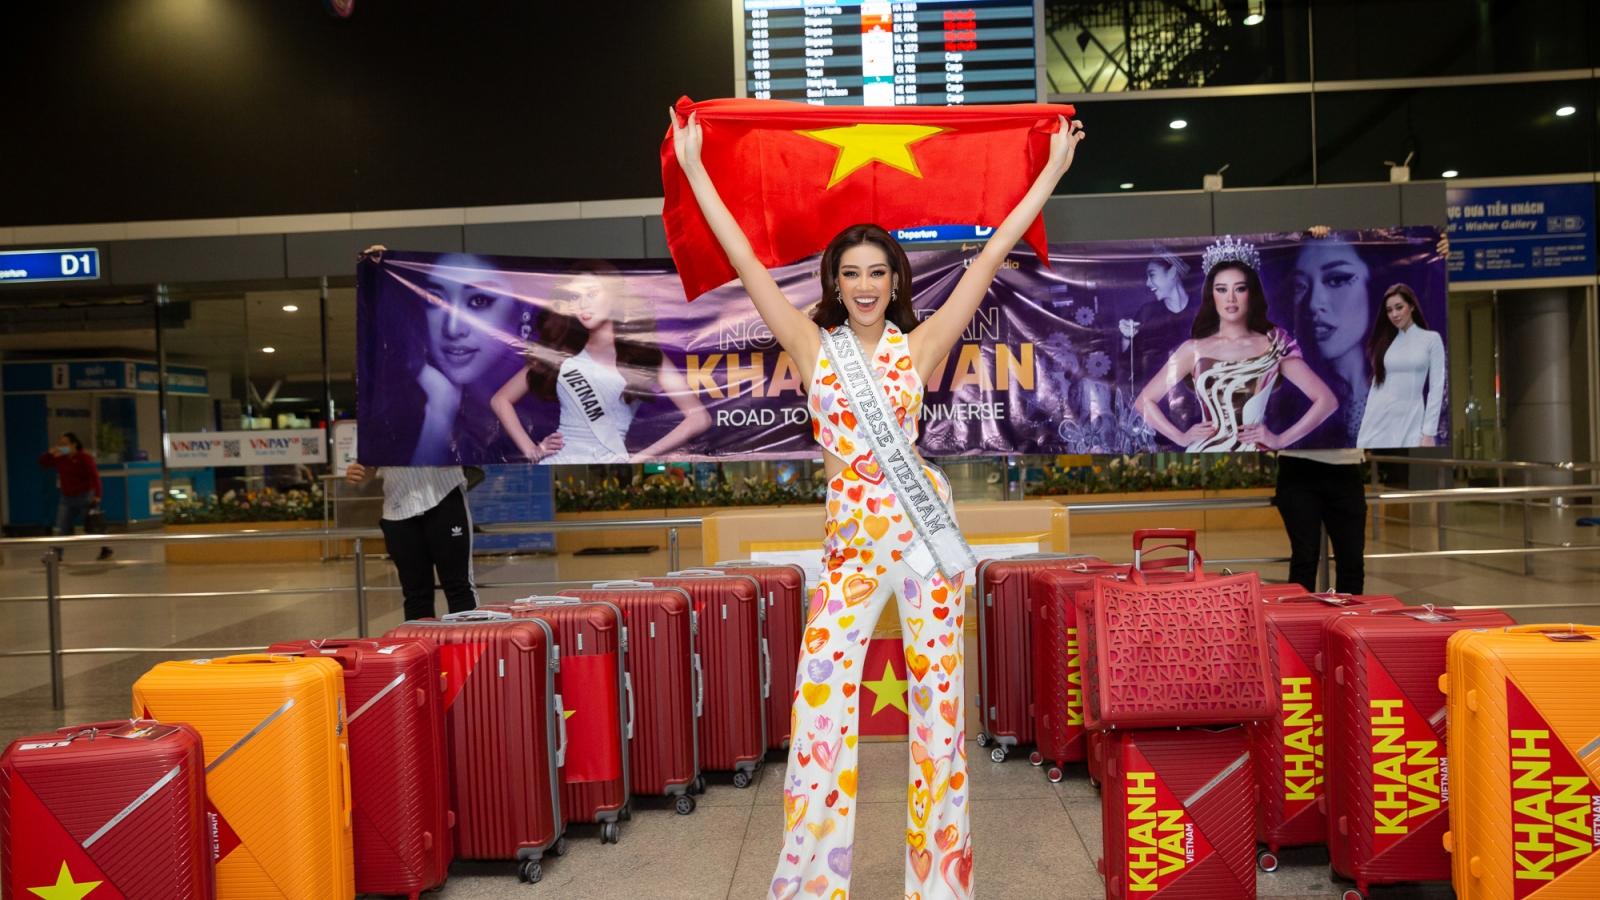 Hoa hậu Khánh Vân mang 15 vali hành lý đến Mỹ tham gia Miss Universe